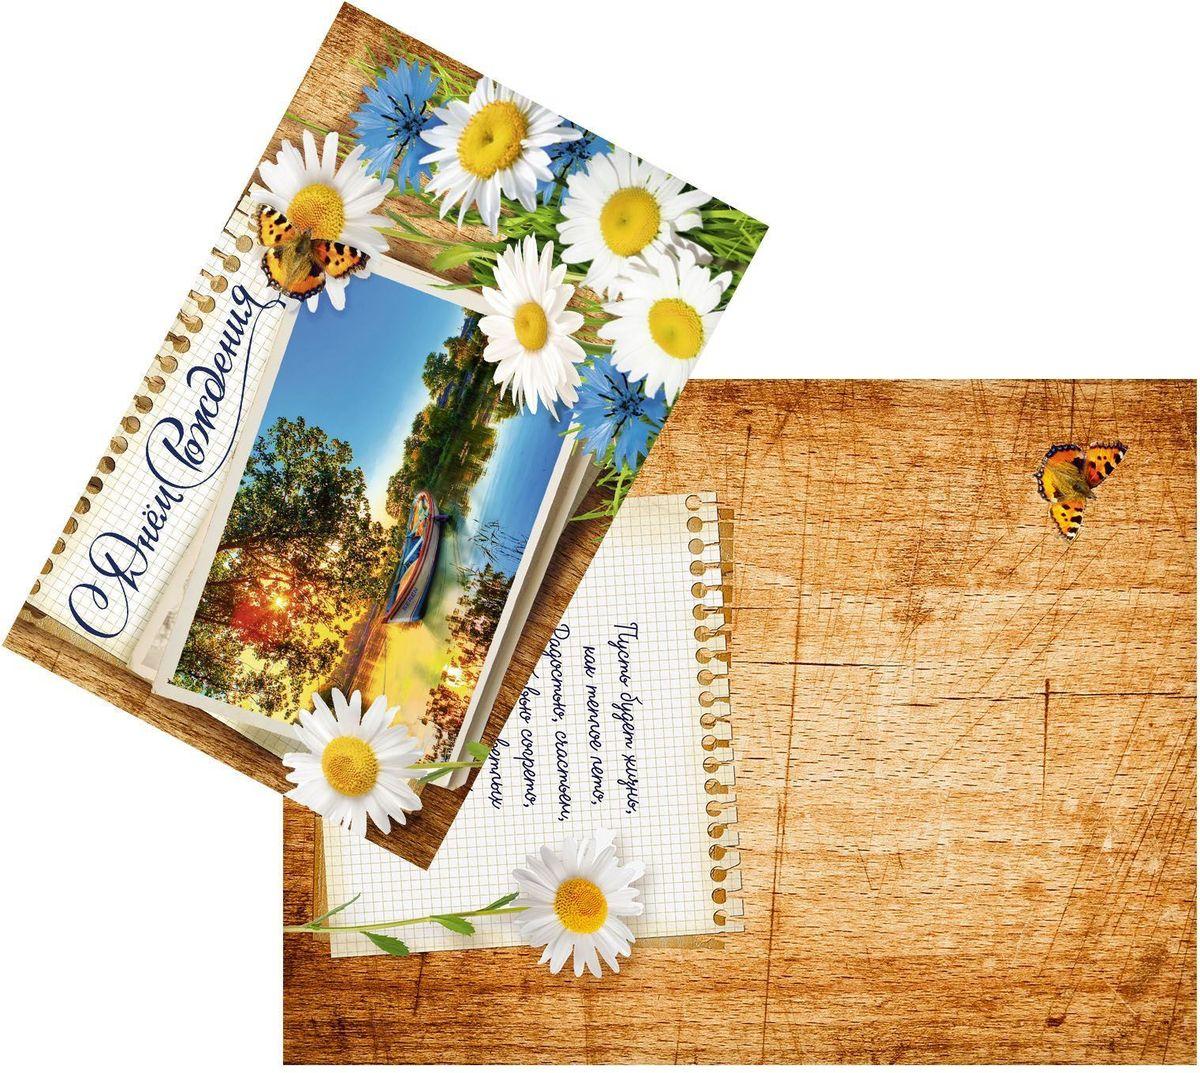 Открытка Дарите cчастье Летнее поздравление, 12 х 18 см1744807Атмосферу праздника создают детали: свечи, цветы, бокалы, воздушные шары и поздравительные открытки - яркие и весёлые, романтичные и нежные, милые и трогательные. Расскажите о своих чувствах дорогому для вас человеку, поделитесь радостью с близкими и друзьями. Открытка с креативным дизайном вам в этом поможет.